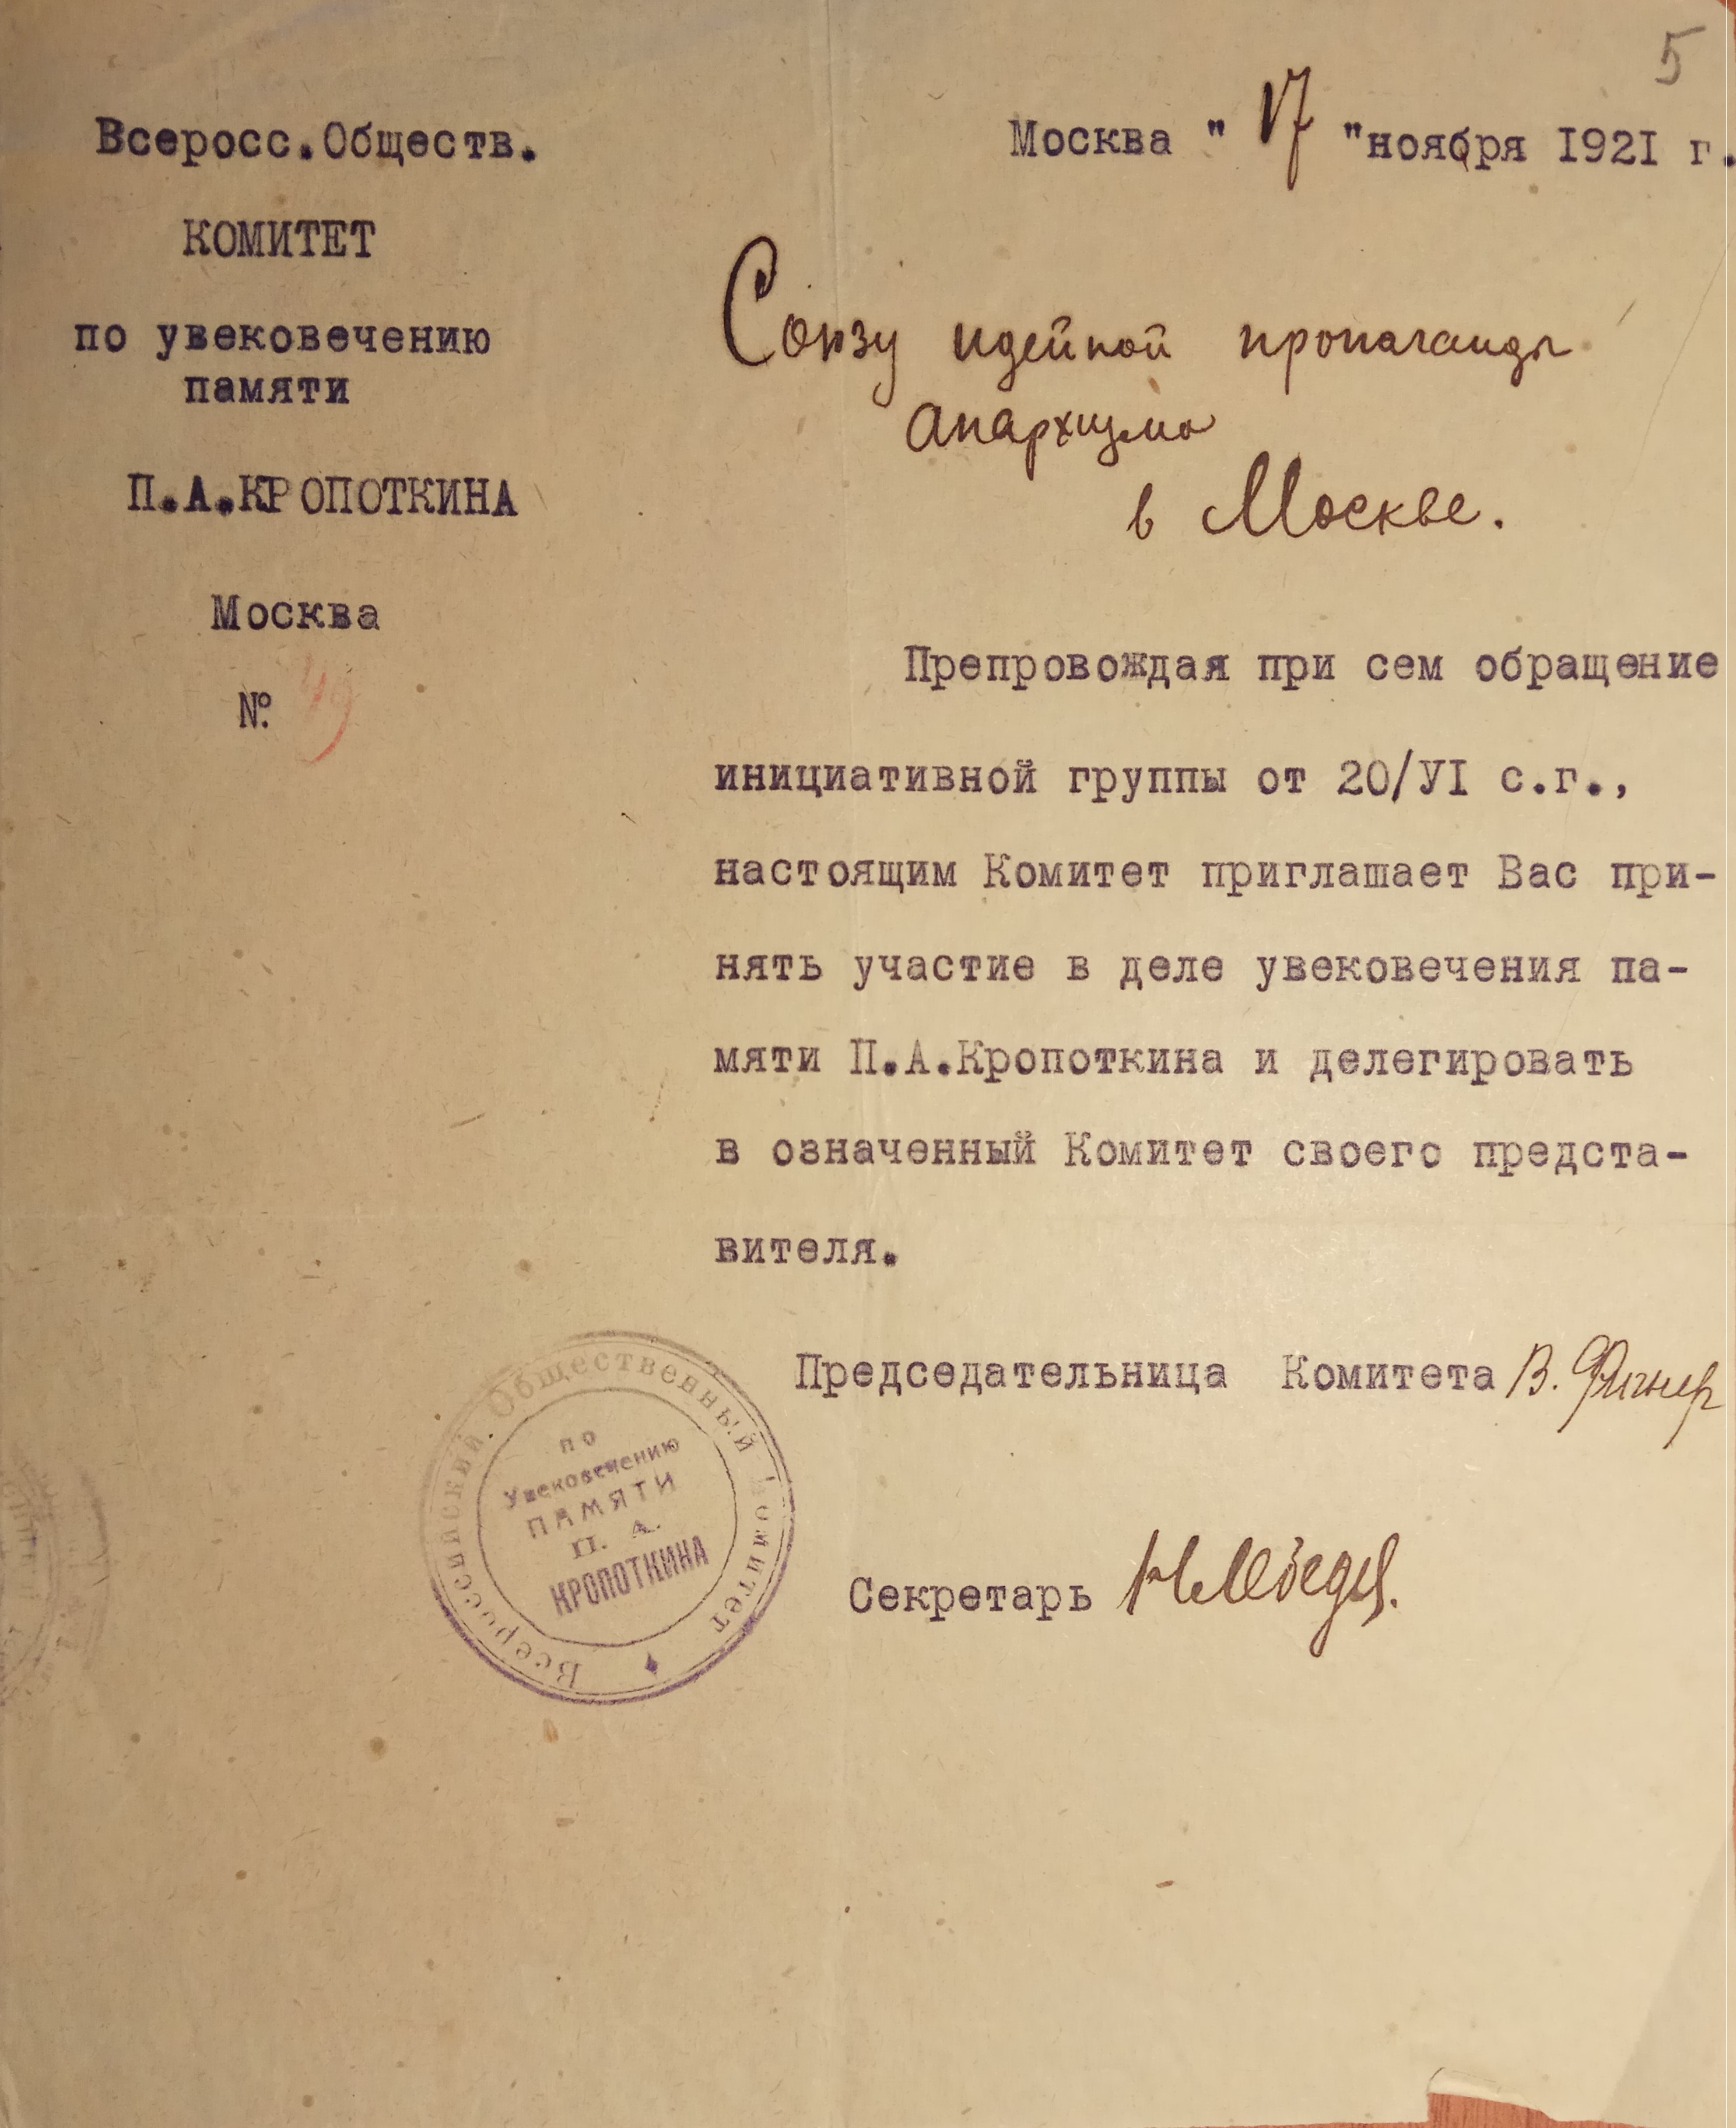 Обращение Комитета по увековечиванию памяти П.А.Кропоткина к союзу идейной пропаганды анархизма об участии, 1921